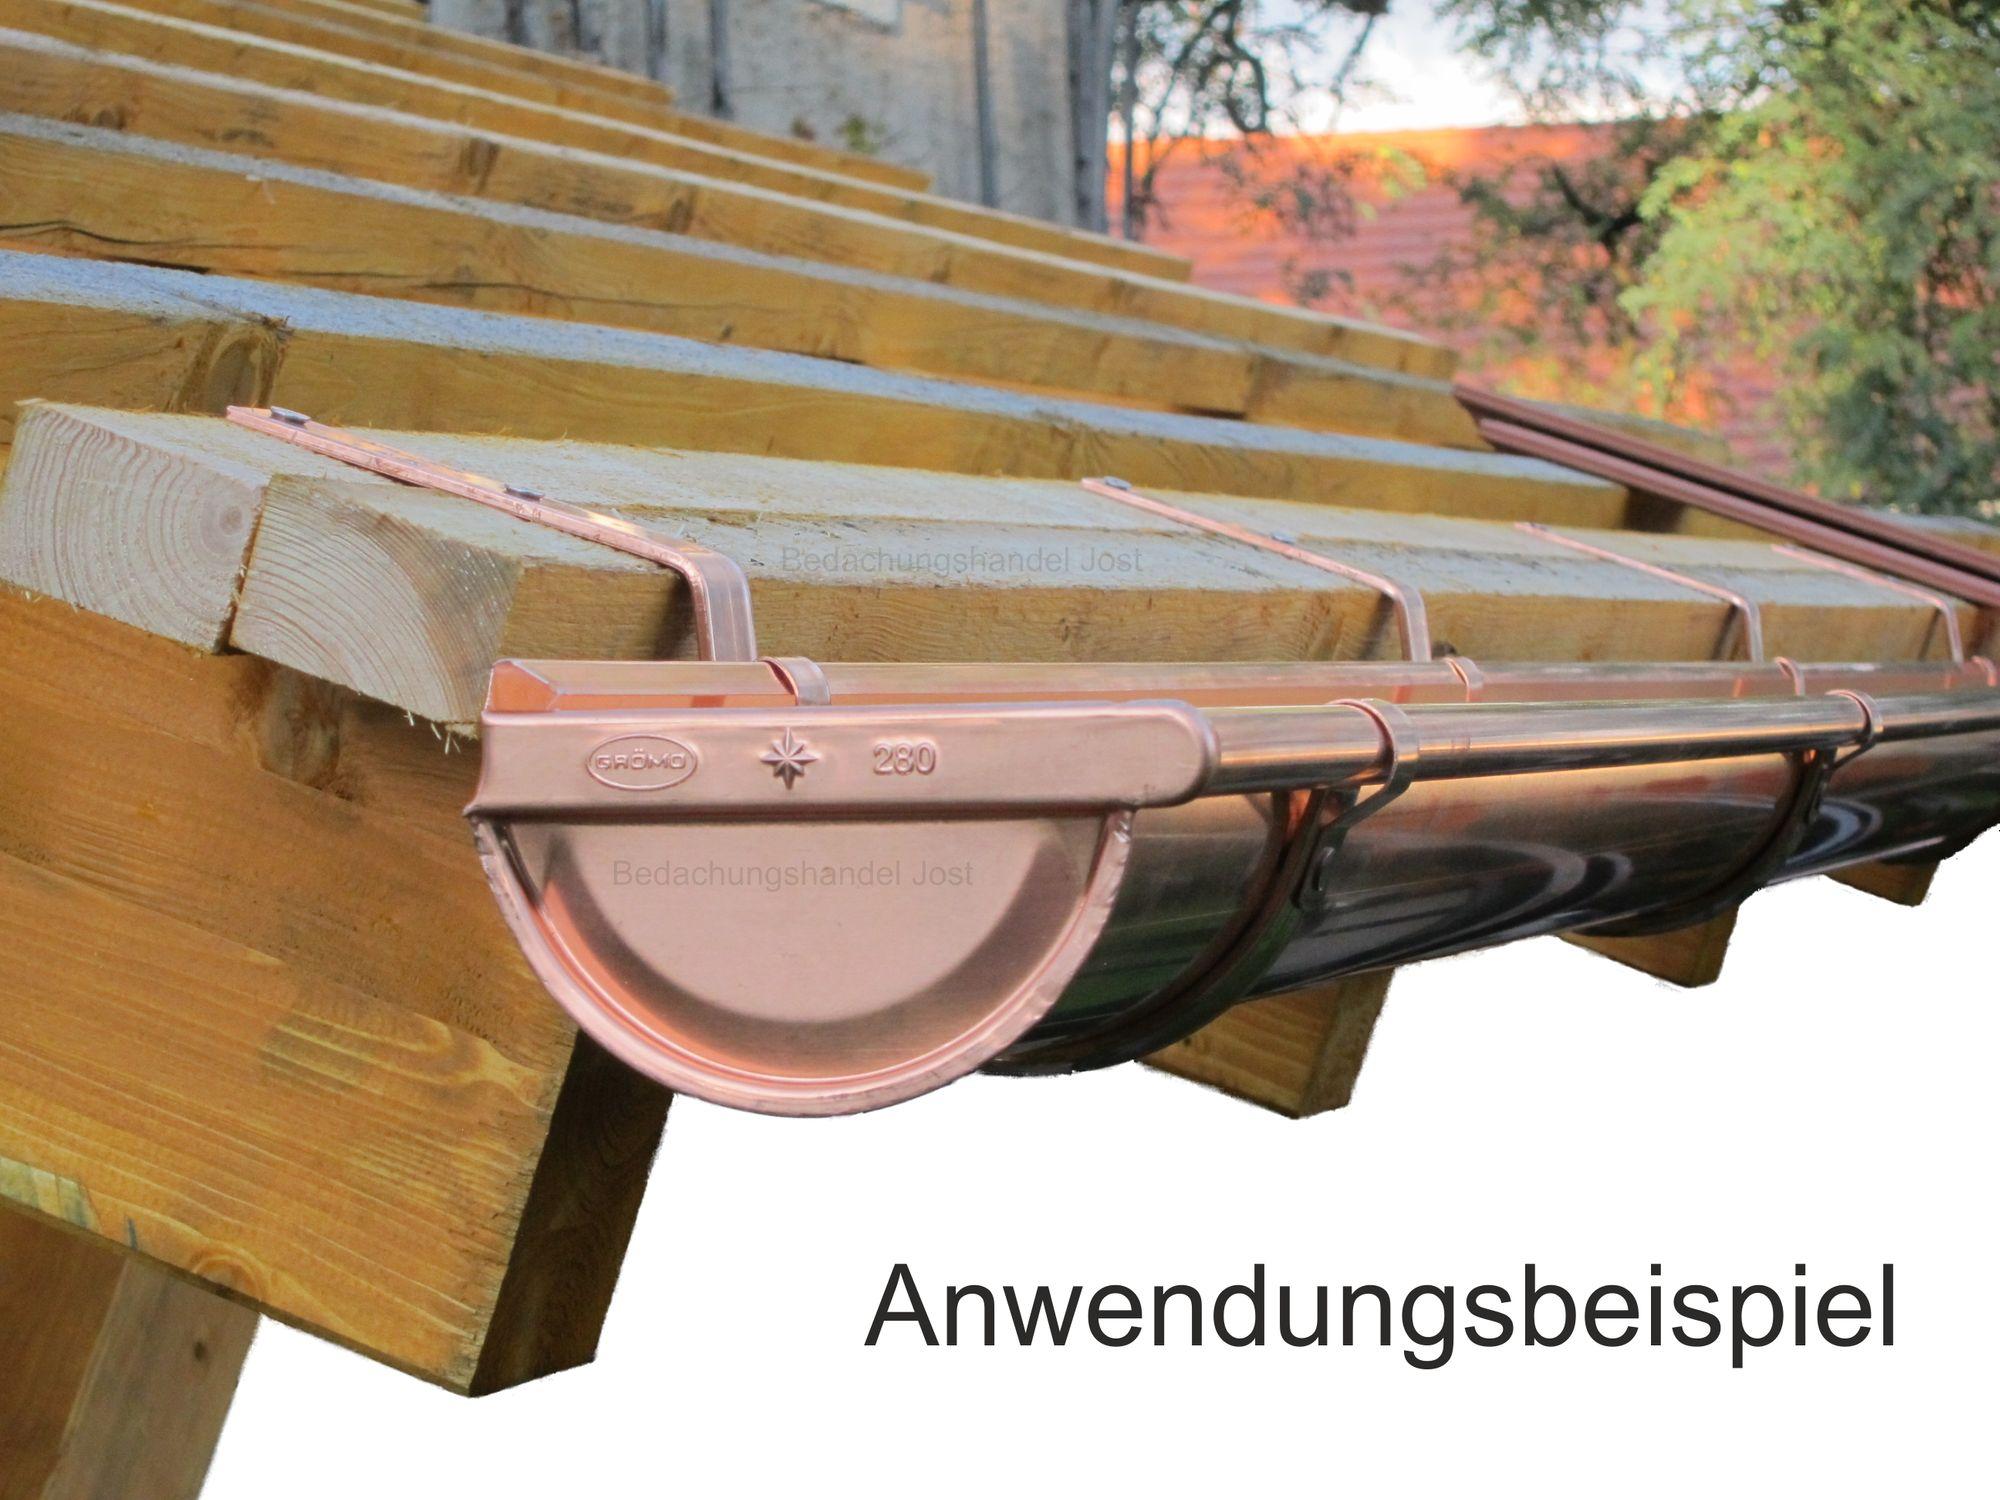 kupfer rinnenboden universal 8-tlg./250 dachrinne und fallrohre